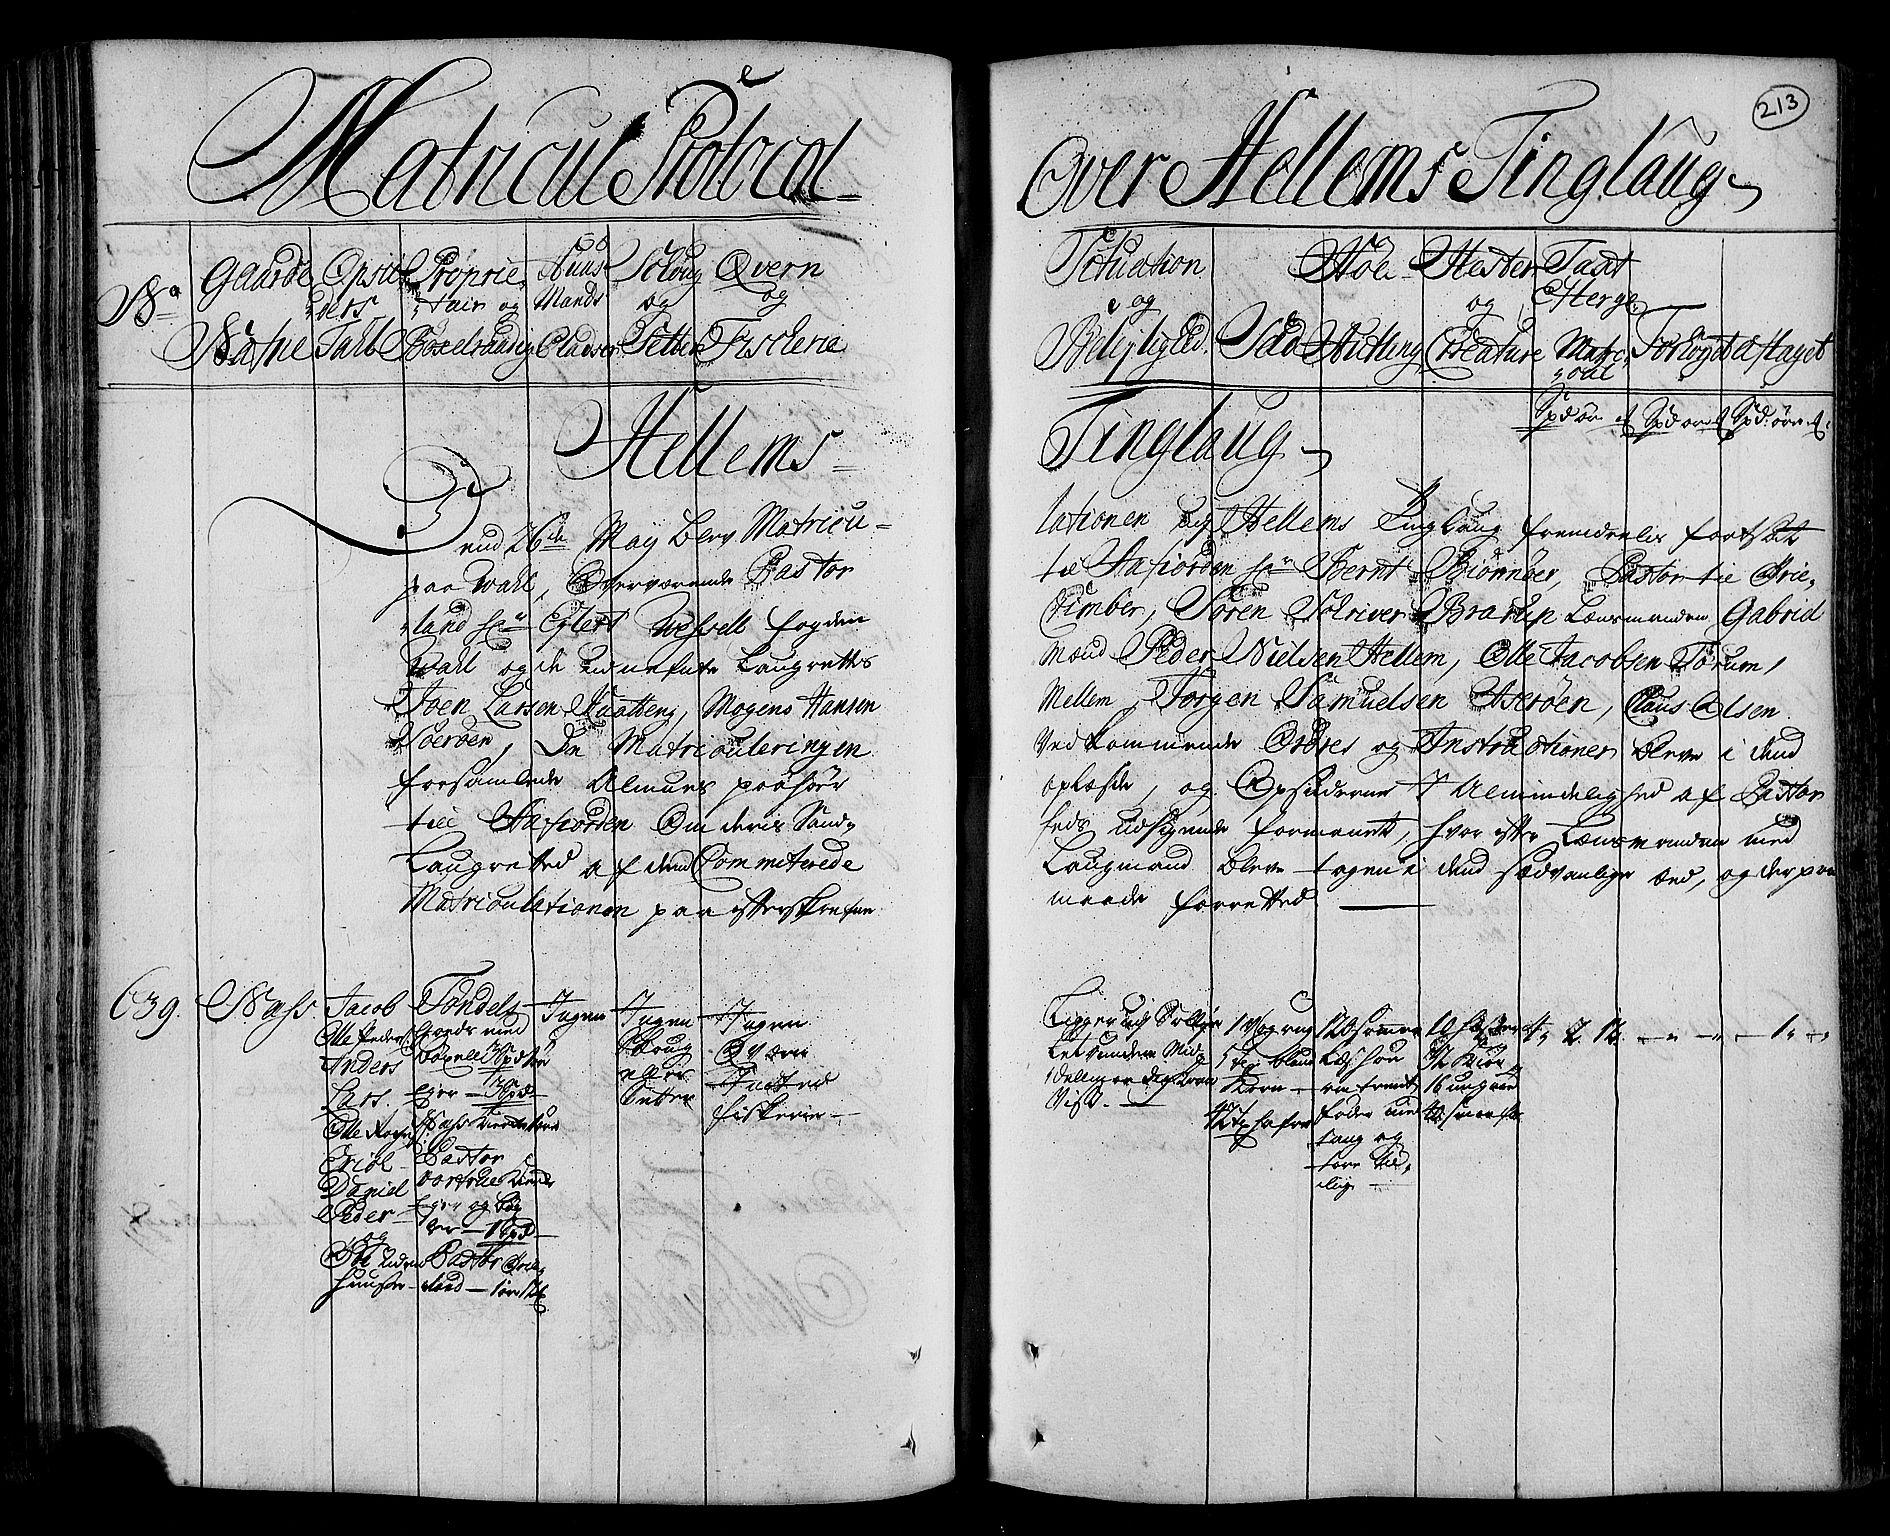 RA, Rentekammeret inntil 1814, Realistisk ordnet avdeling, N/Nb/Nbf/L0162: Fosen eksaminasjonsprotokoll, 1723, s. 212b-213a